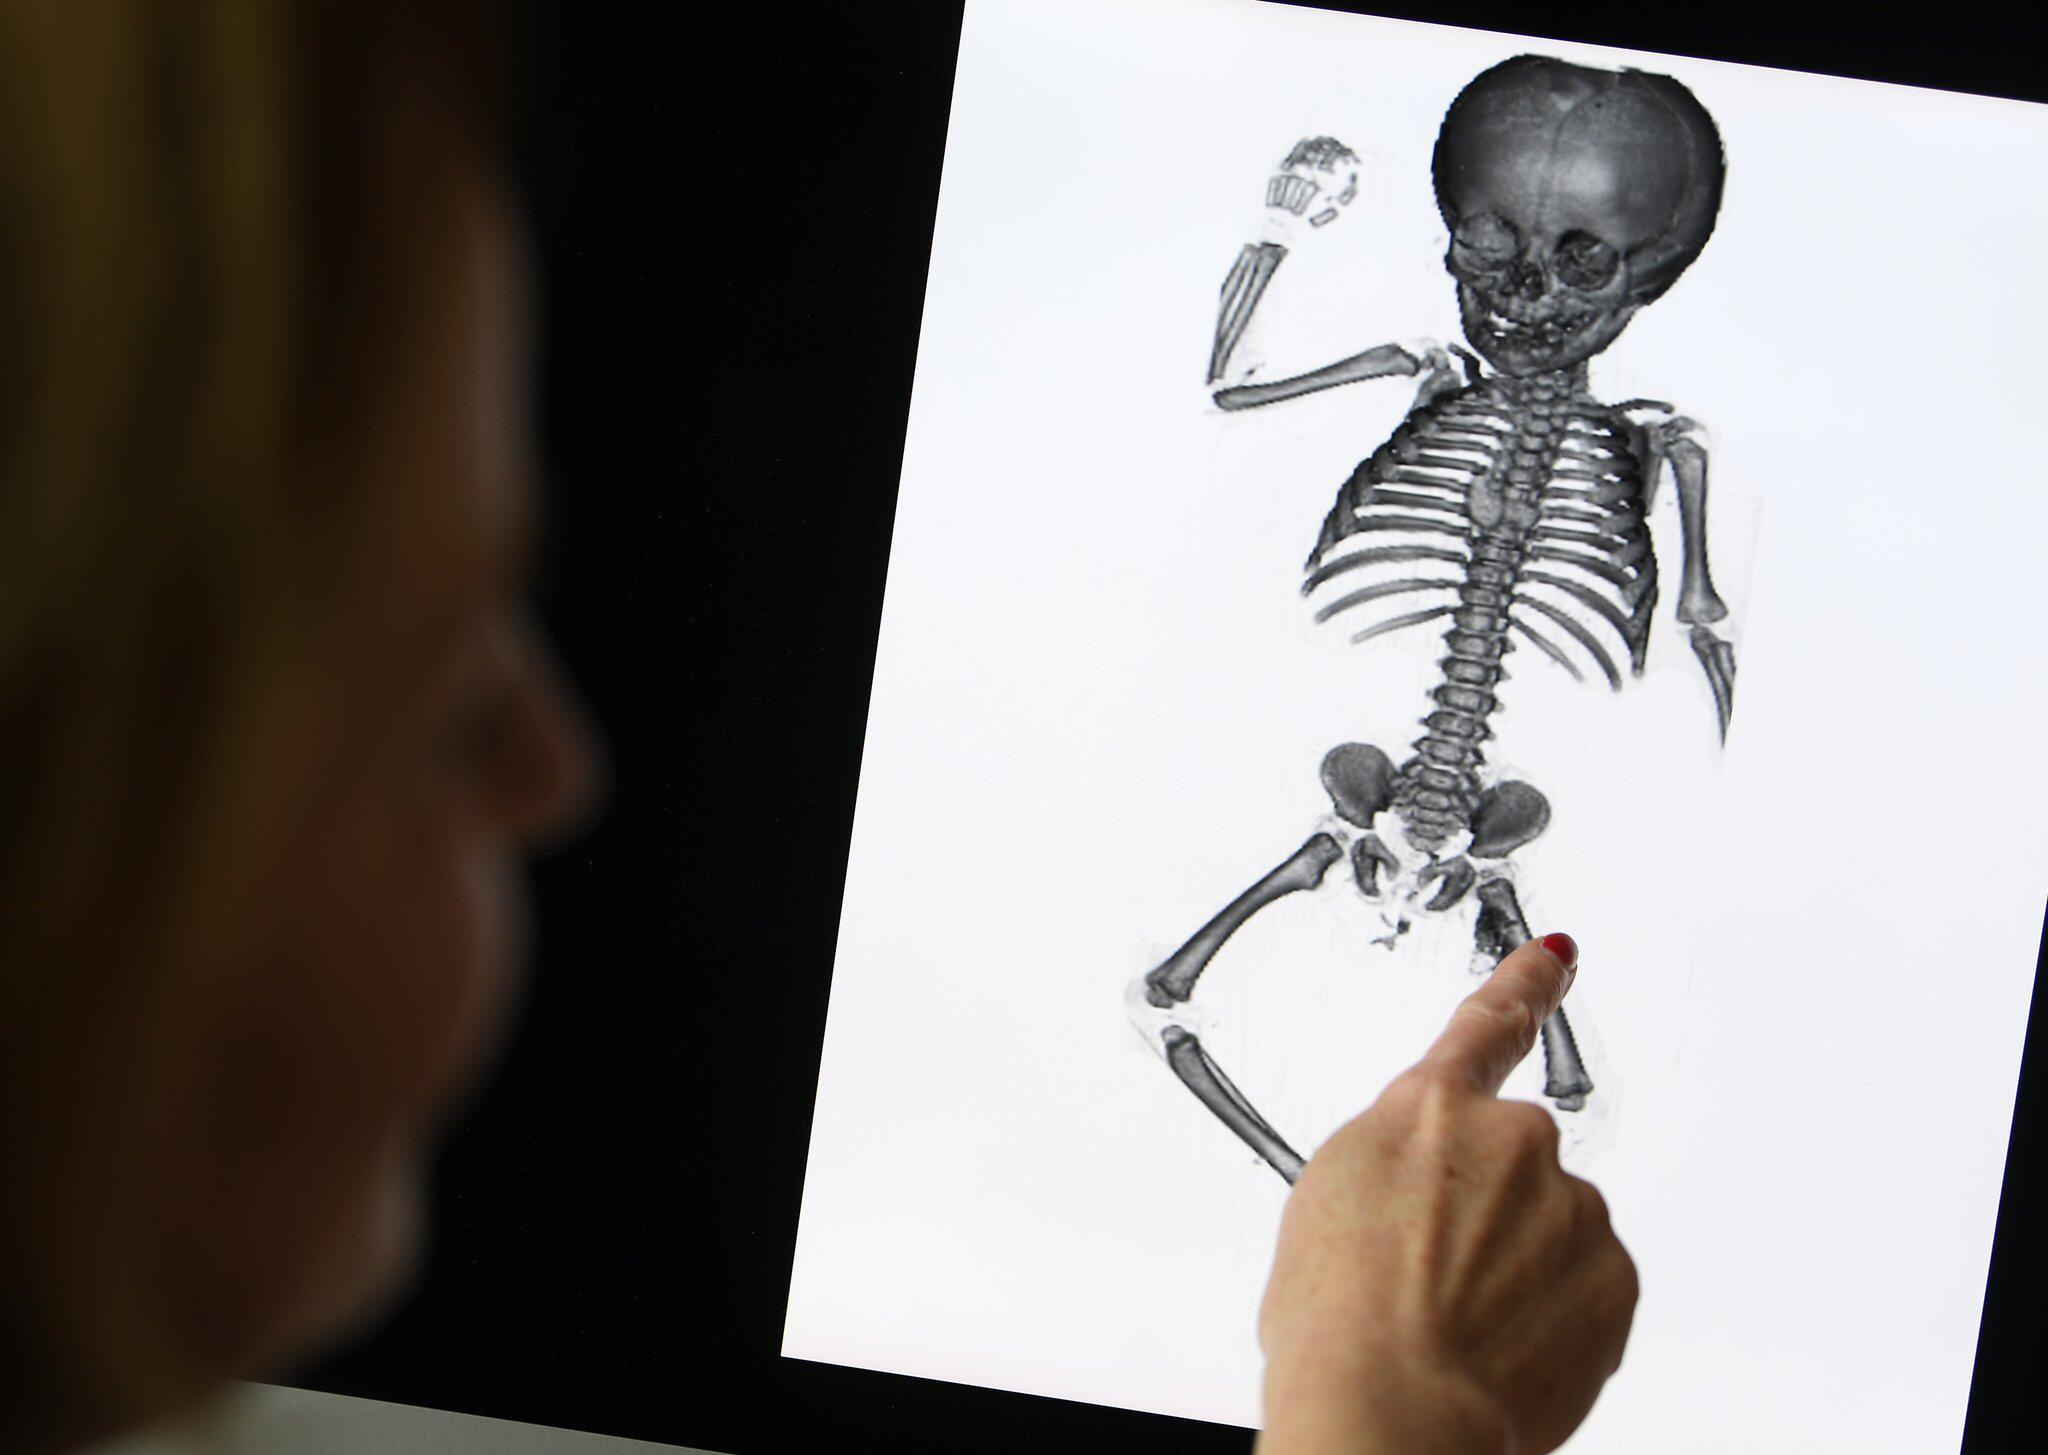 Letzte Ruhe für vergessene Kinder aus Anatomie | GMX.CH